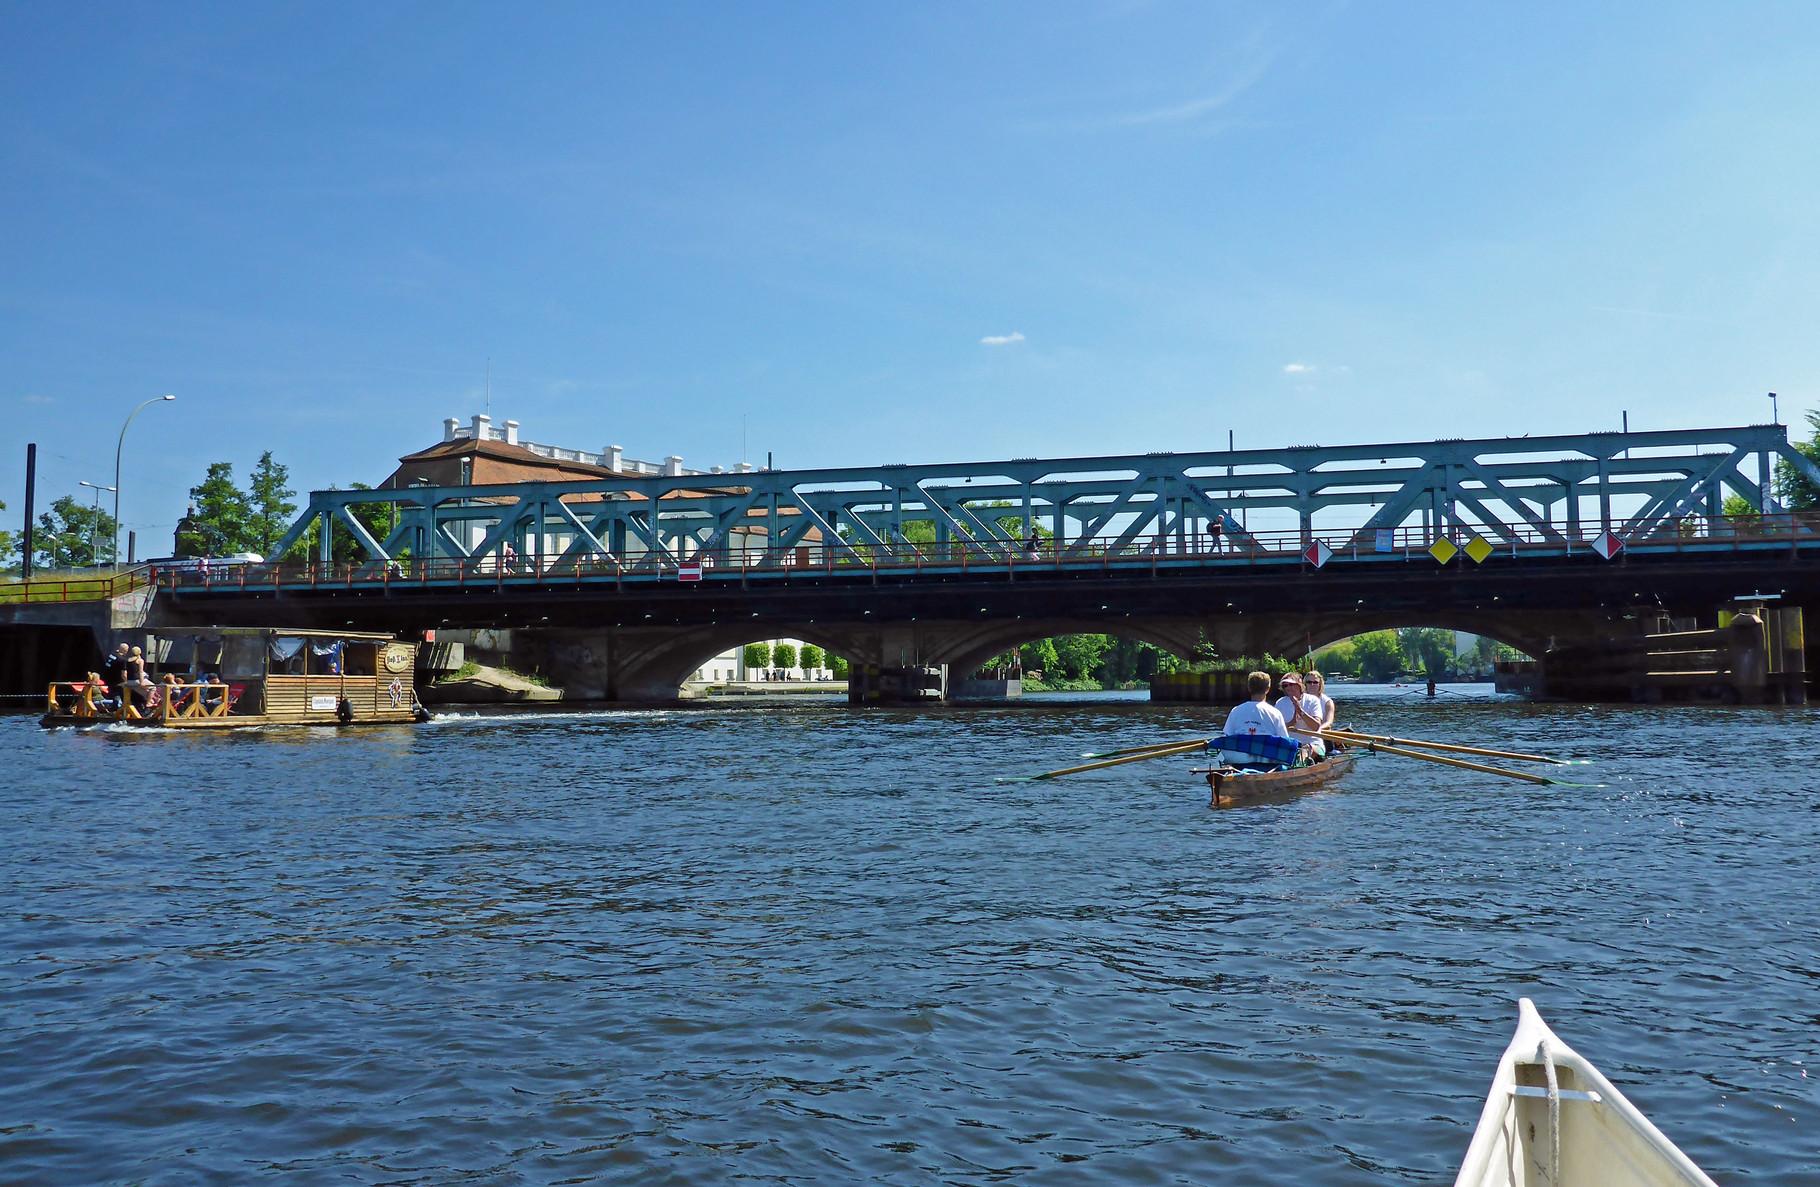 unter der langen Brücke hindurch.